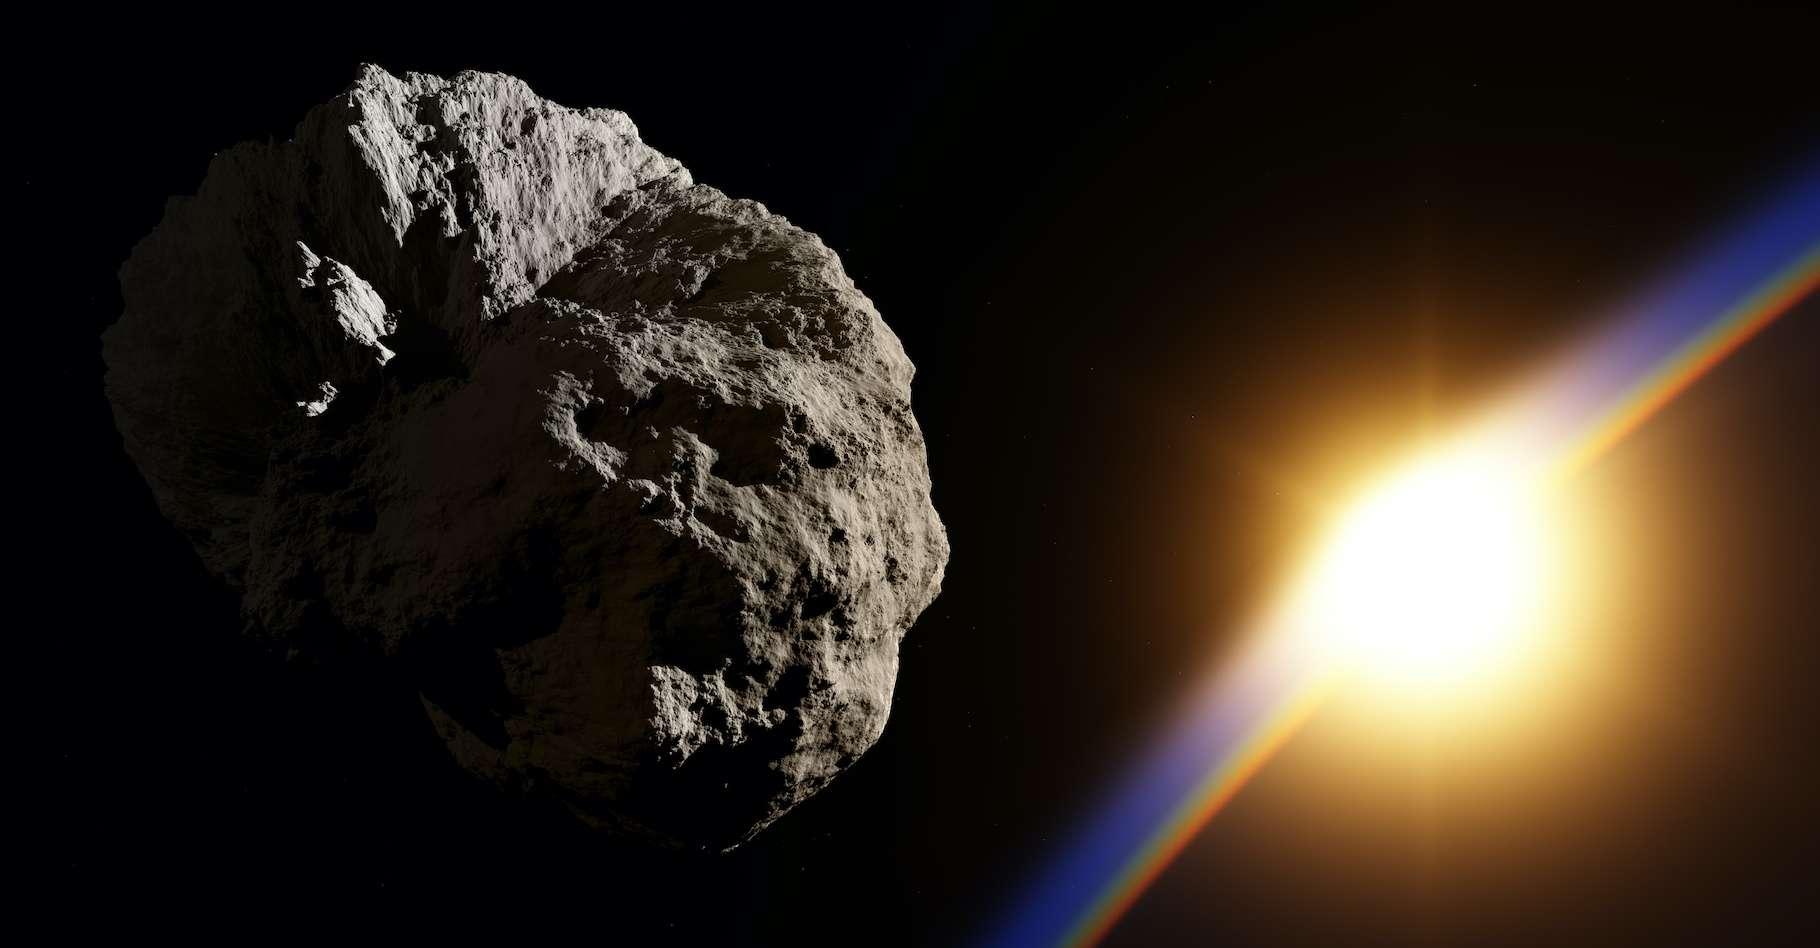 Une nouvelle famille d'astéroïdes pourrait avoir été découverte à l'intérieur de l'orbite de Vénus. © Shawn Hempel, Adobe Stock